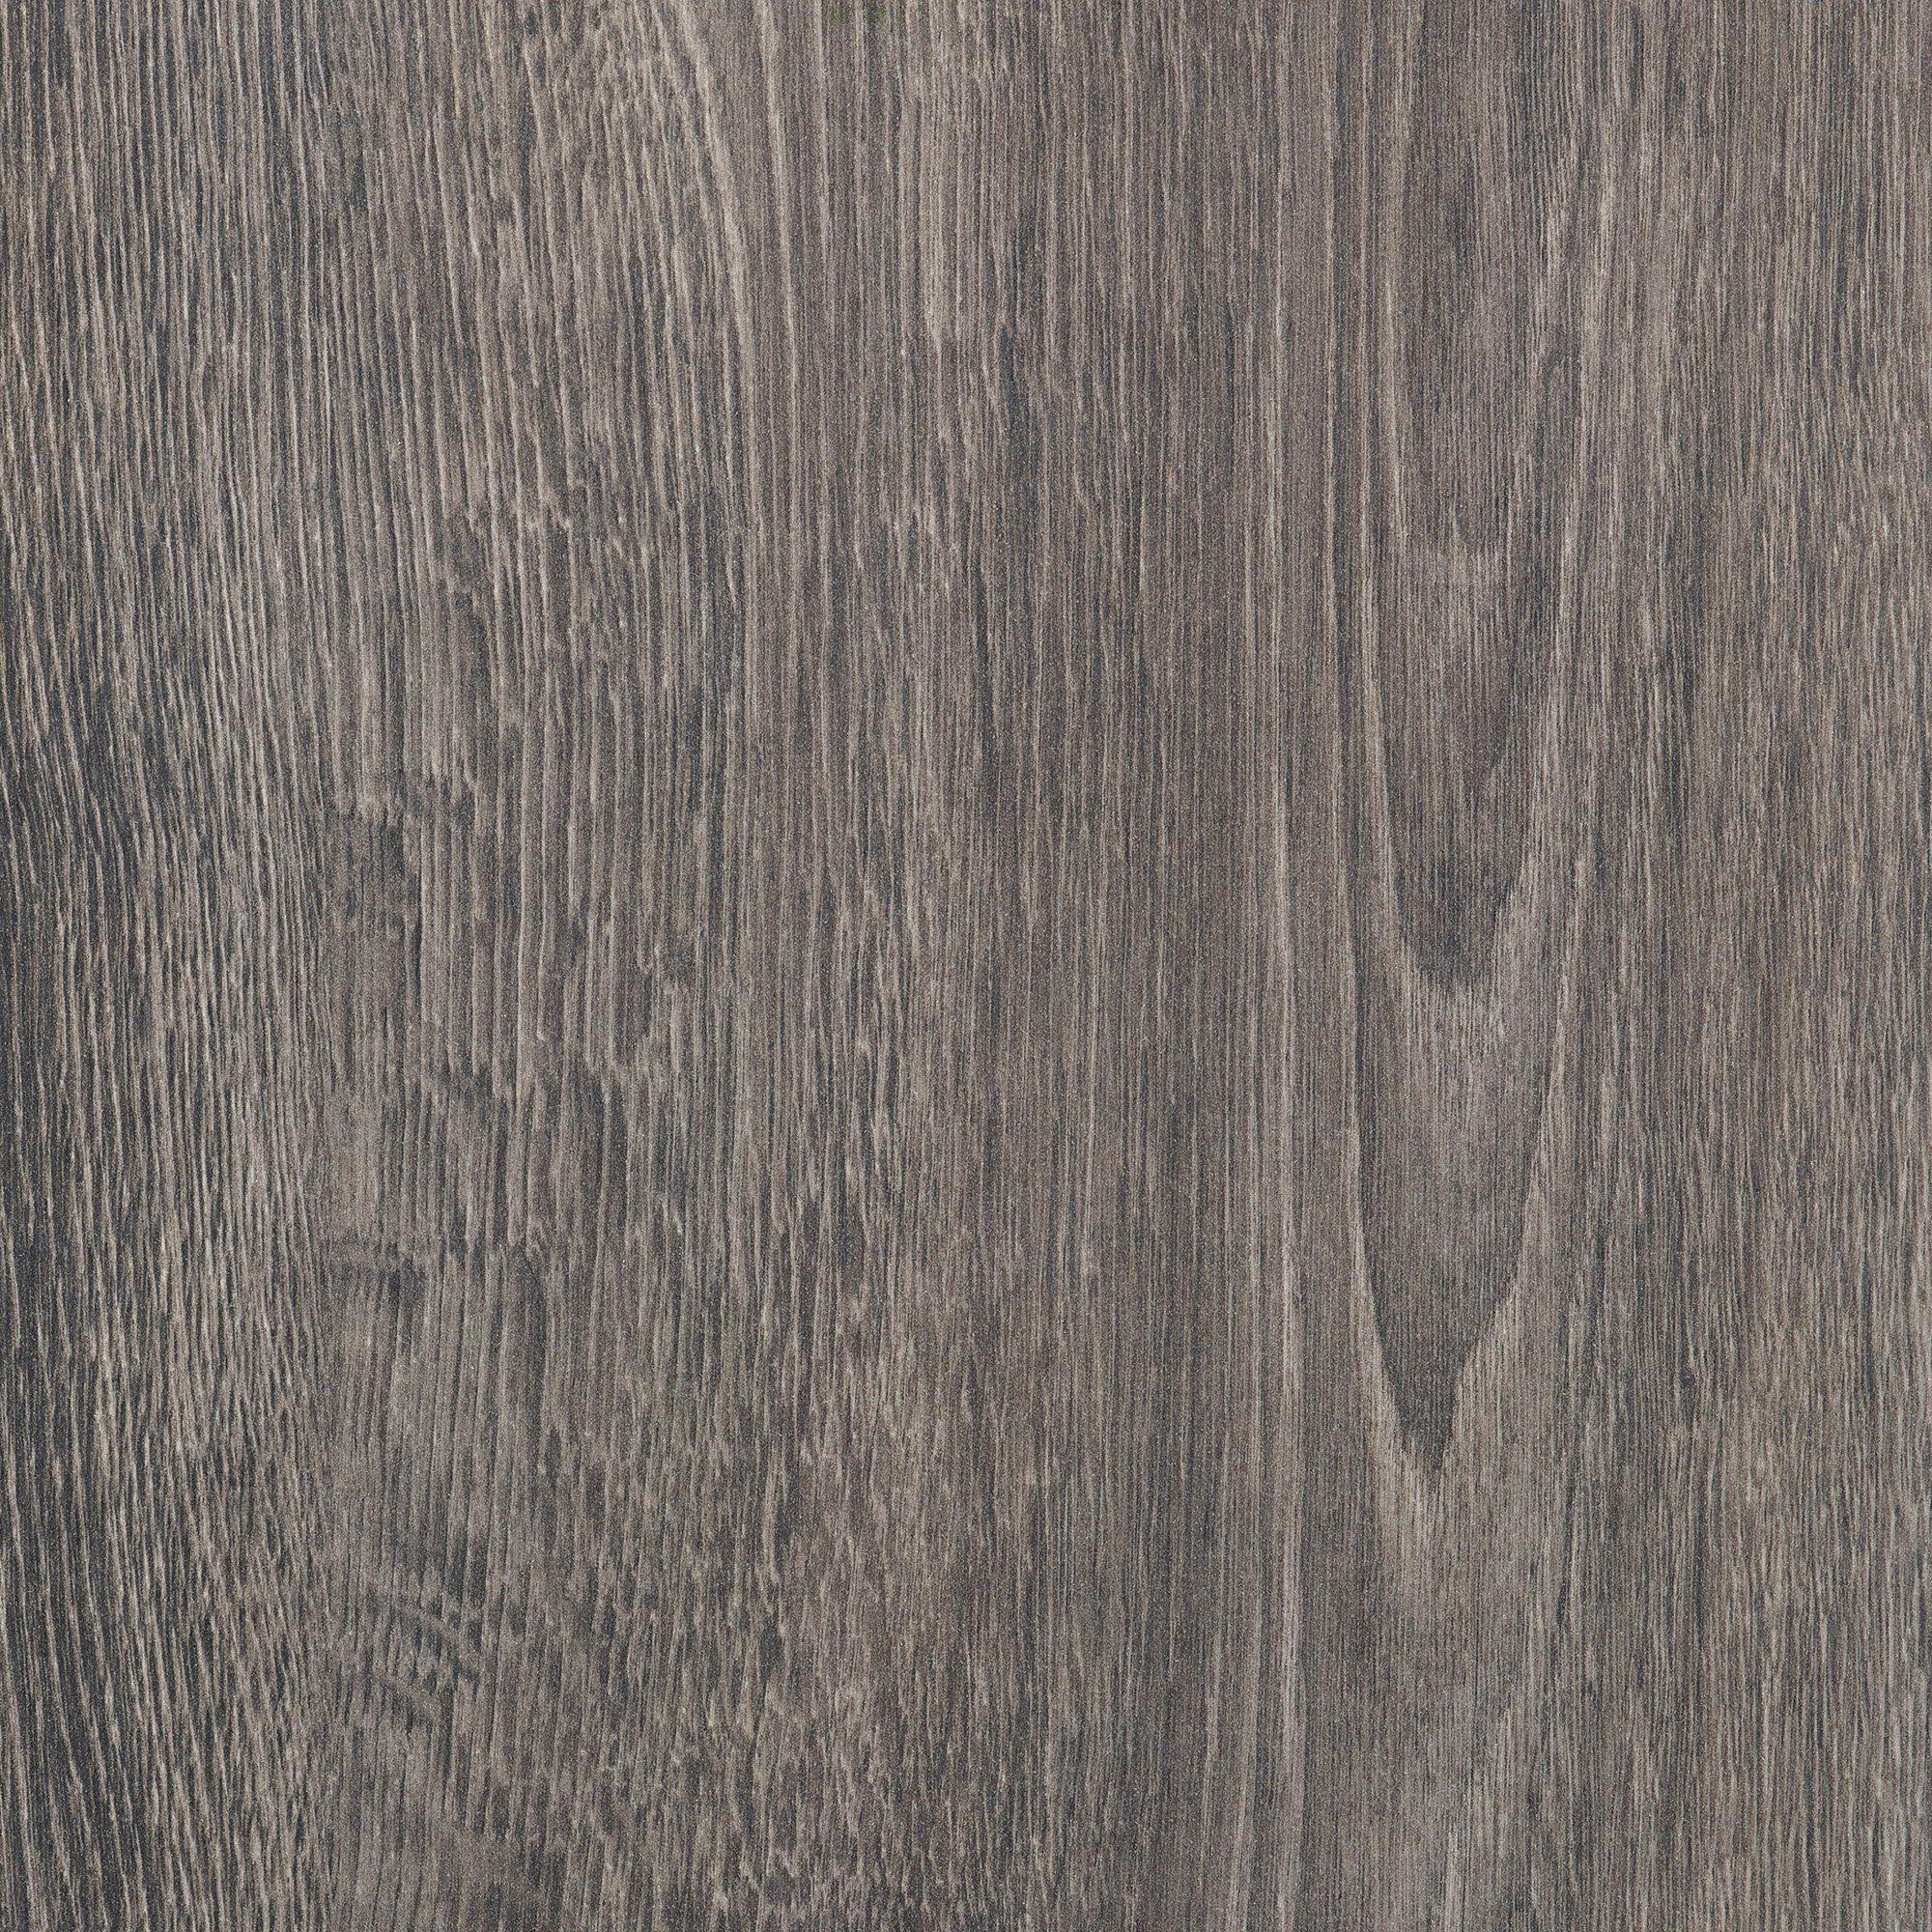 BODENMEISTER Packung: Laminat »Dielenoptik Eiche hell-grau weiß«, Landhausdiele 217 x 24 cm